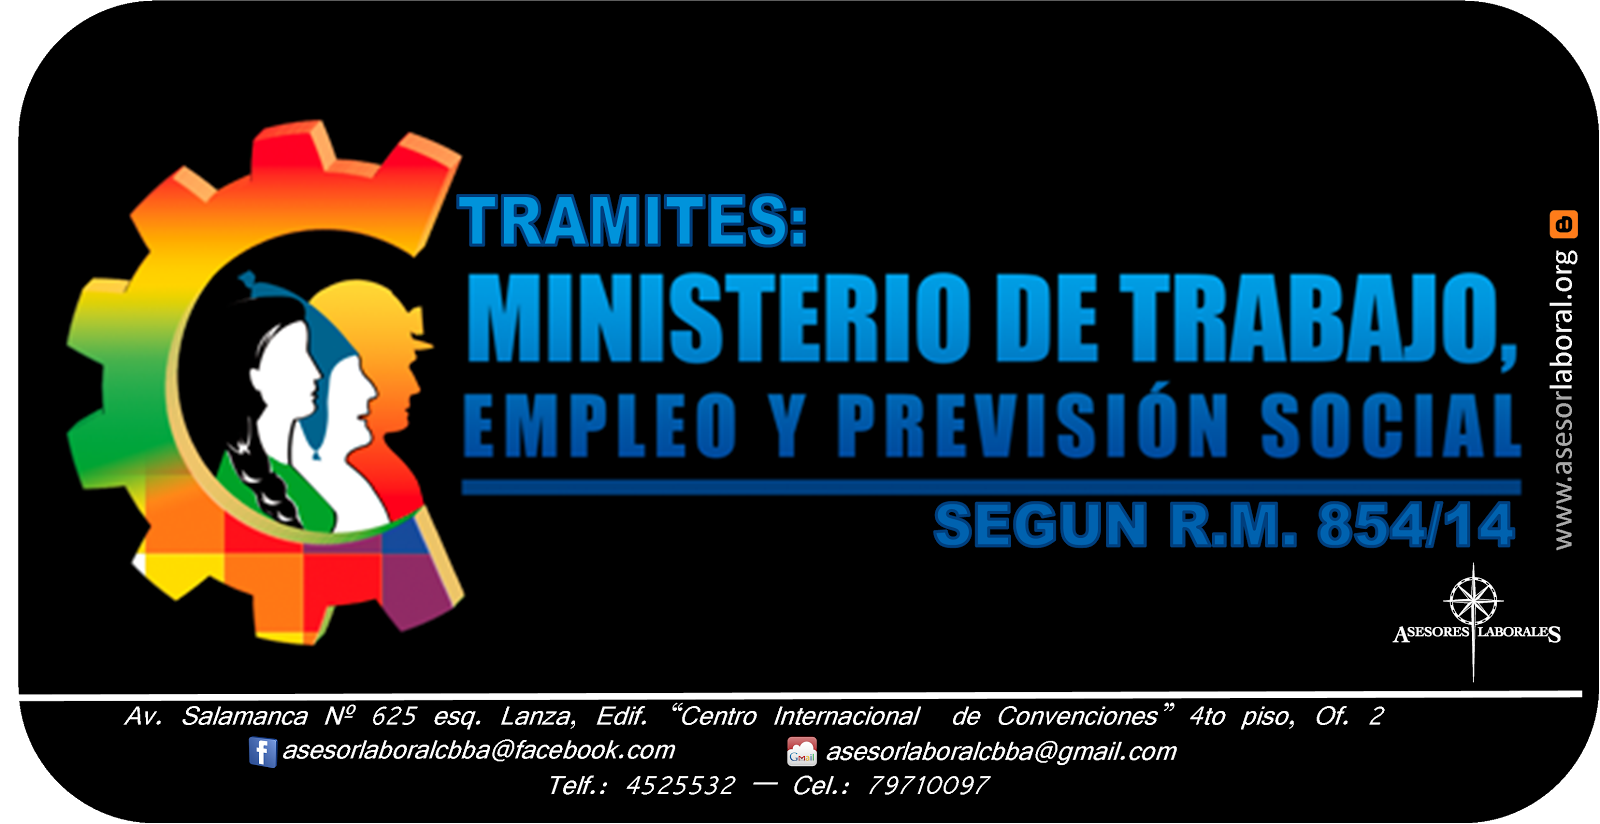 REQUISITOS PARA TRAMITES ANTE EL MINISTERIO DEL TRABAJO 2.017 SEGUN R.M. Nº 854.